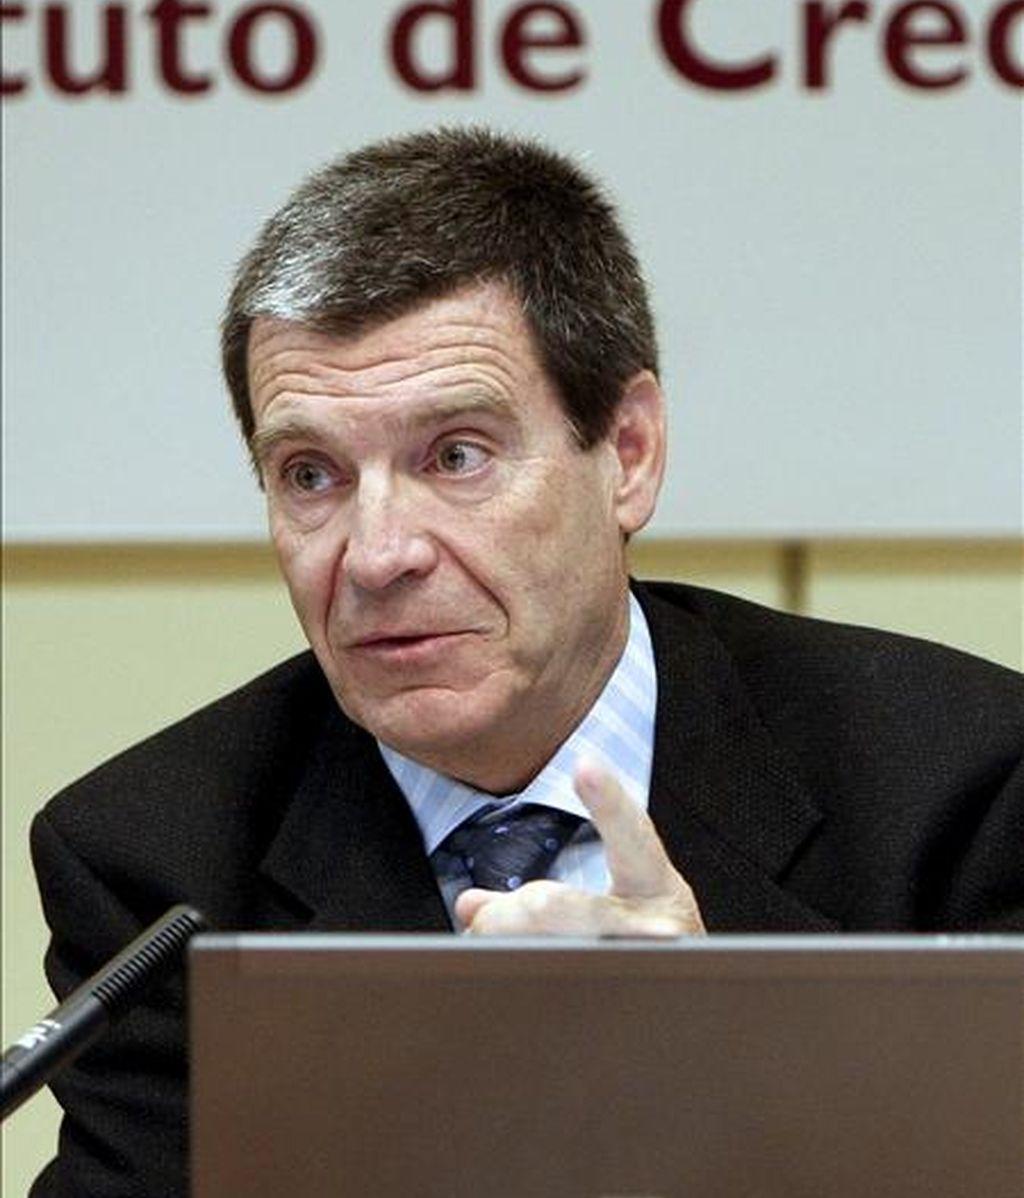 El presidente del ICO, Aurelio Martínez. EFE/Archivo